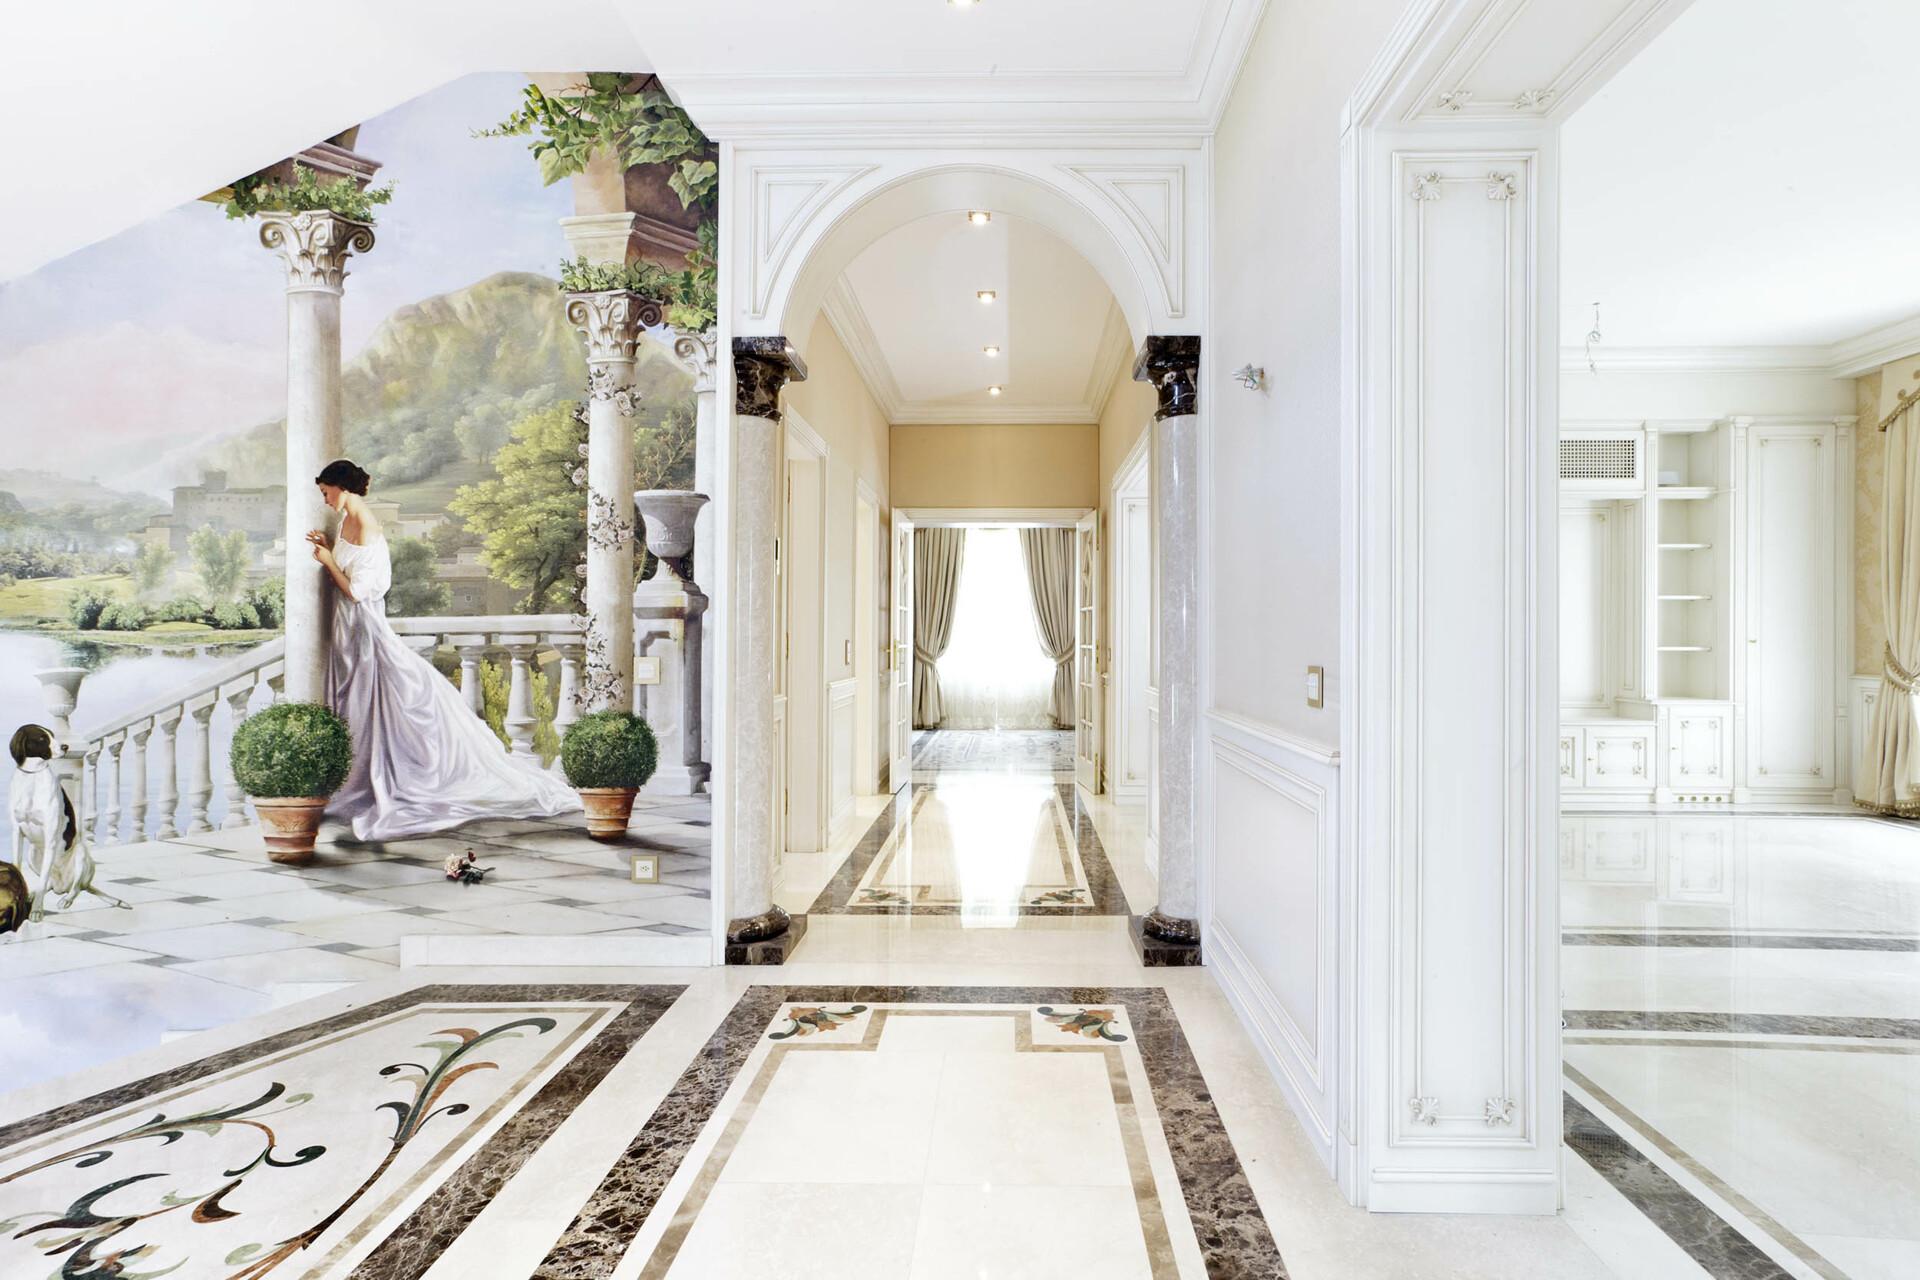 Villa privata 4